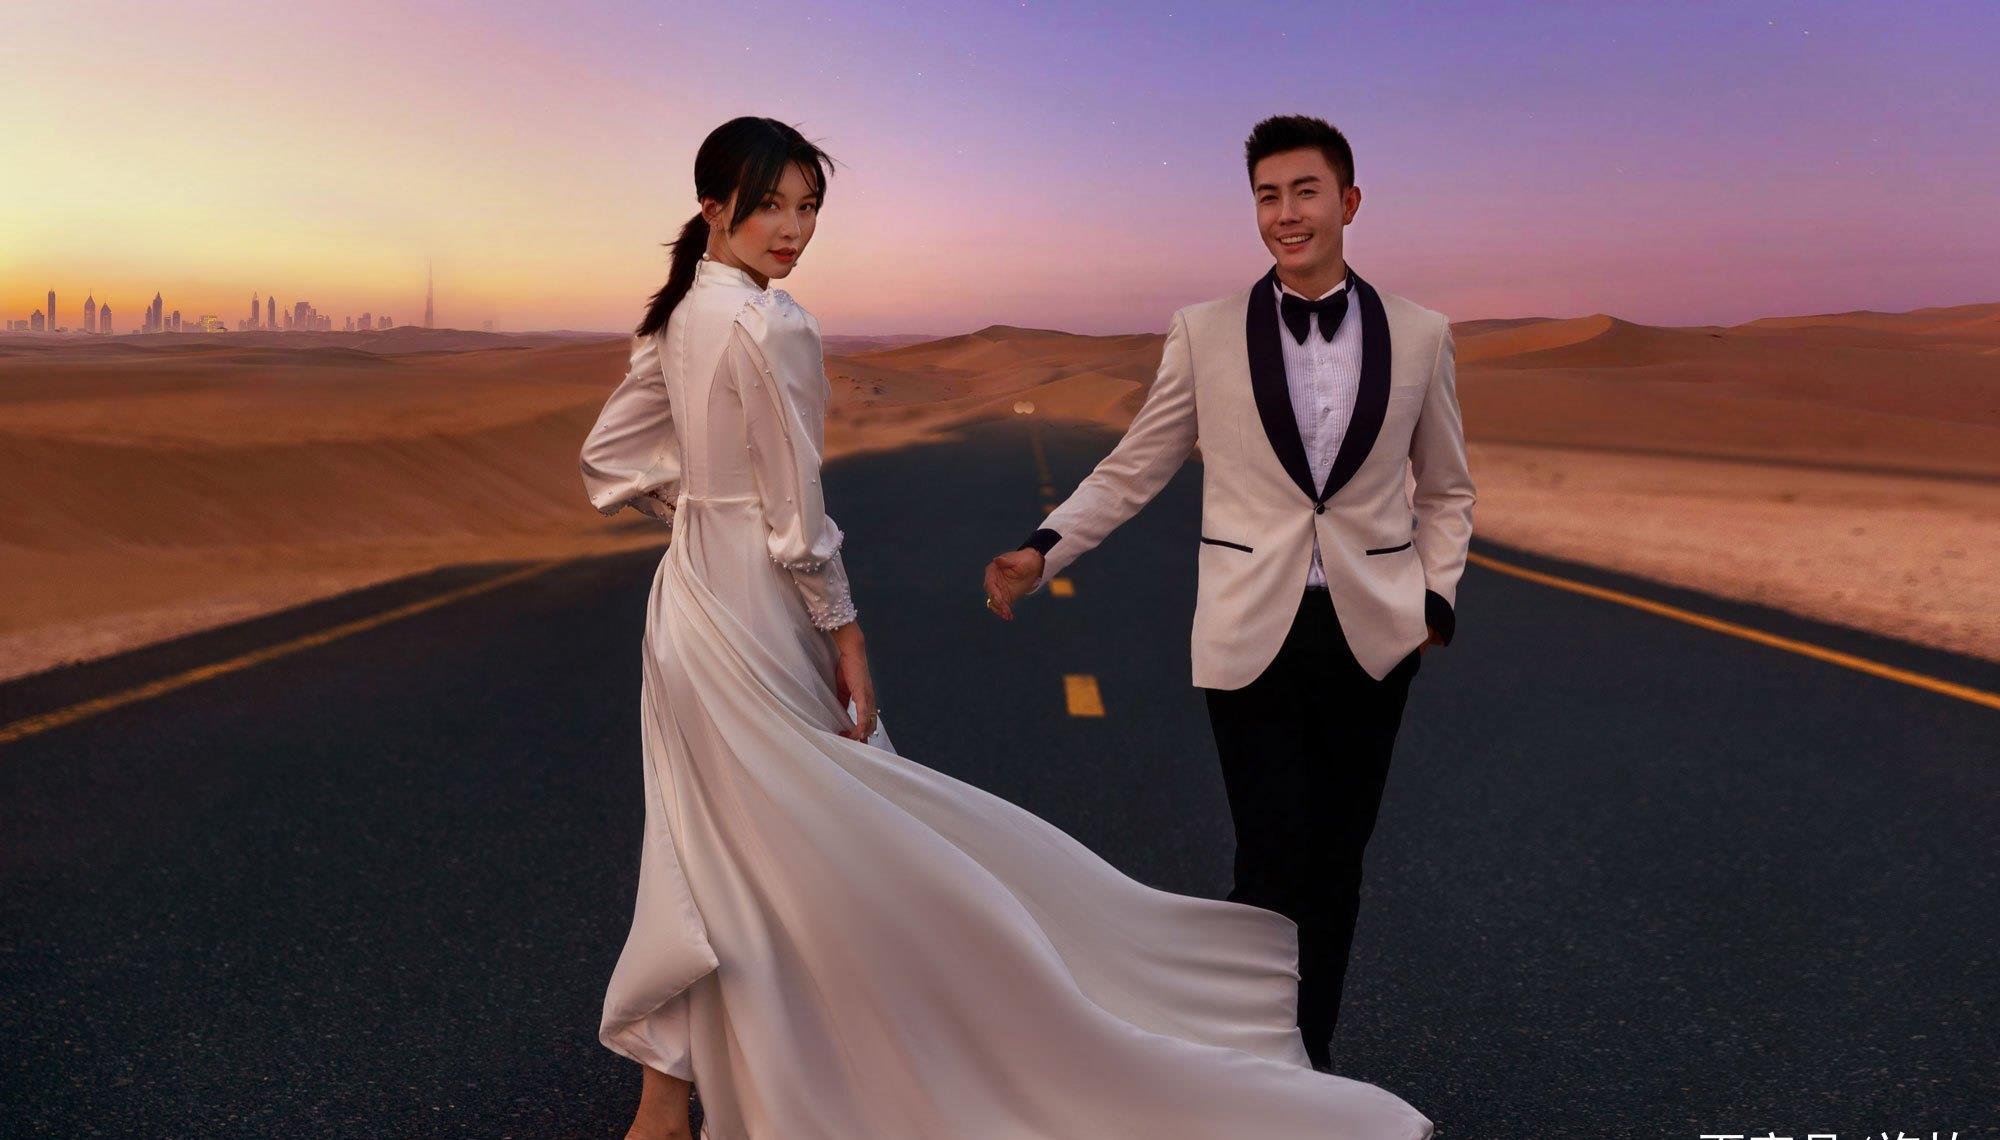 旅拍加分小心机,get这4个技巧2020年度新娘非你莫属